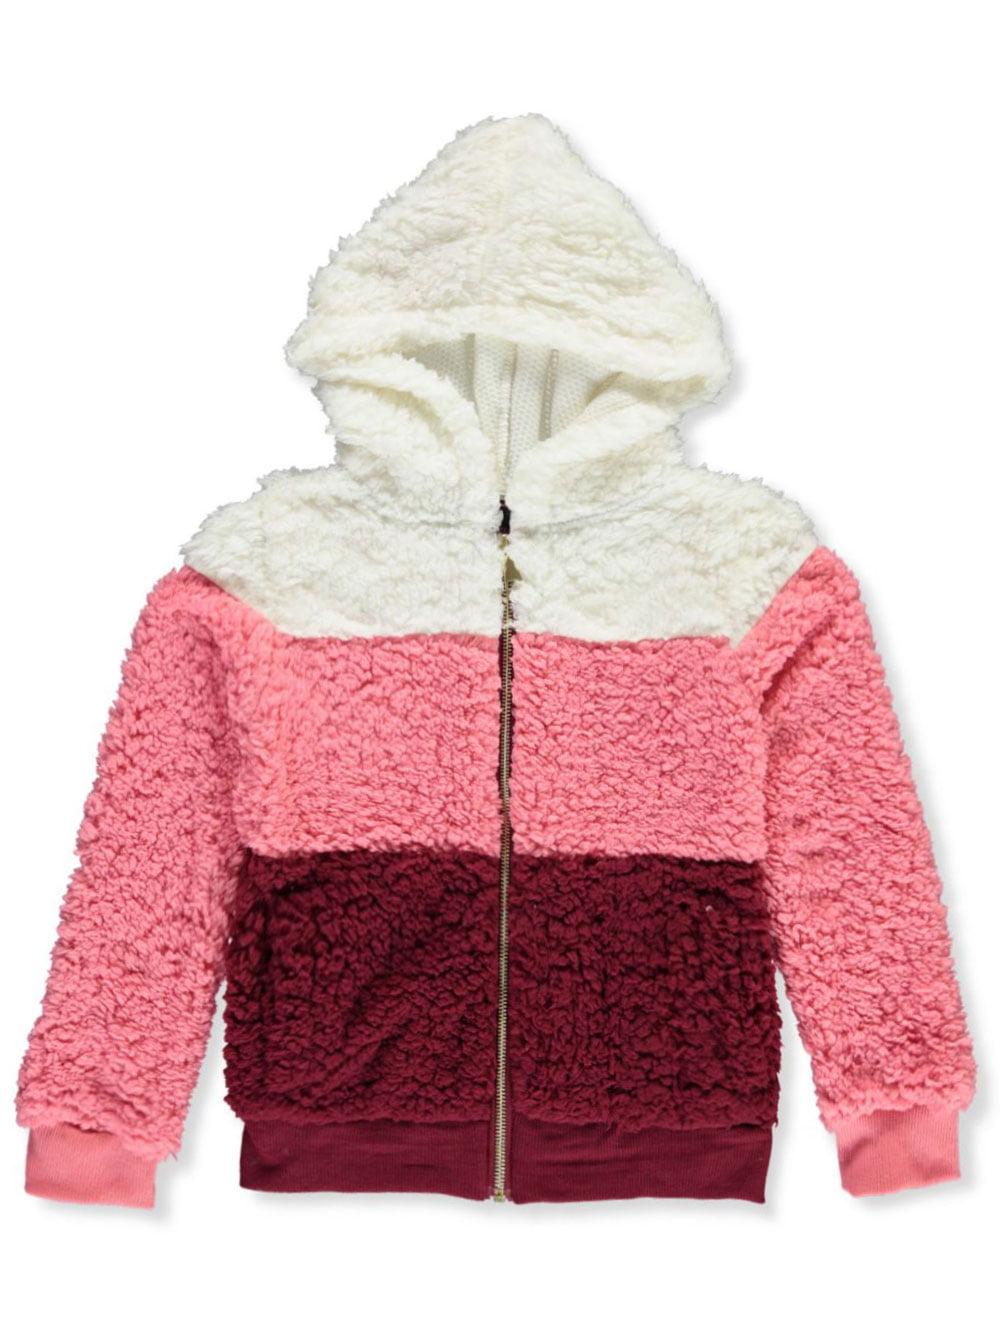 Chillipop Girls Striped Sherpa Hooded Jacket